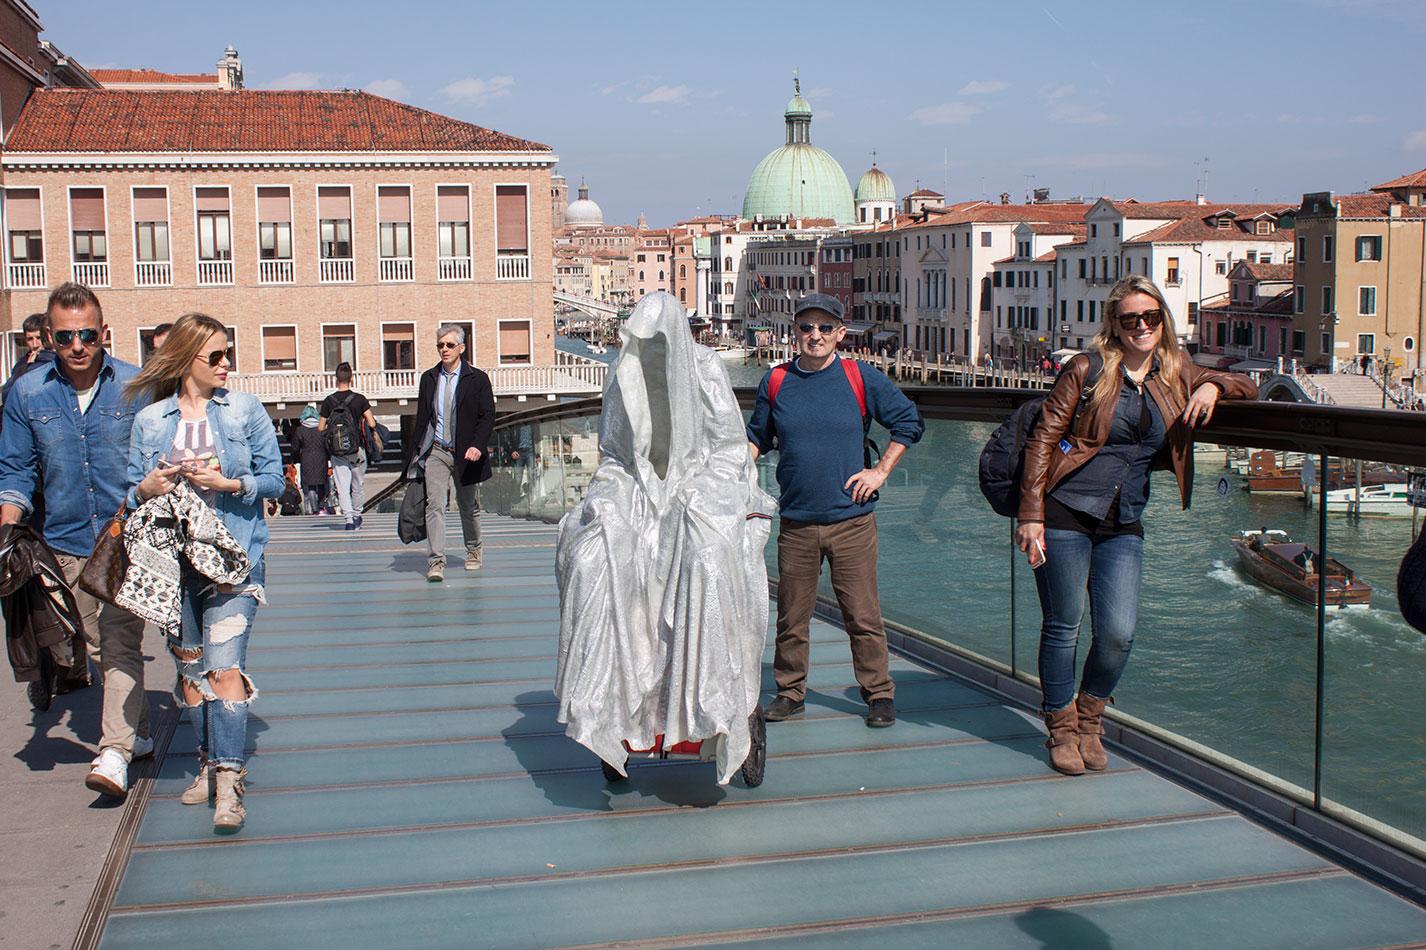 la-biennale-venezia-arte-venice-guardians-of-time-manfred-kili-kielnhofer-contemporary-art-arts-design-sculpture-performance-show-7964